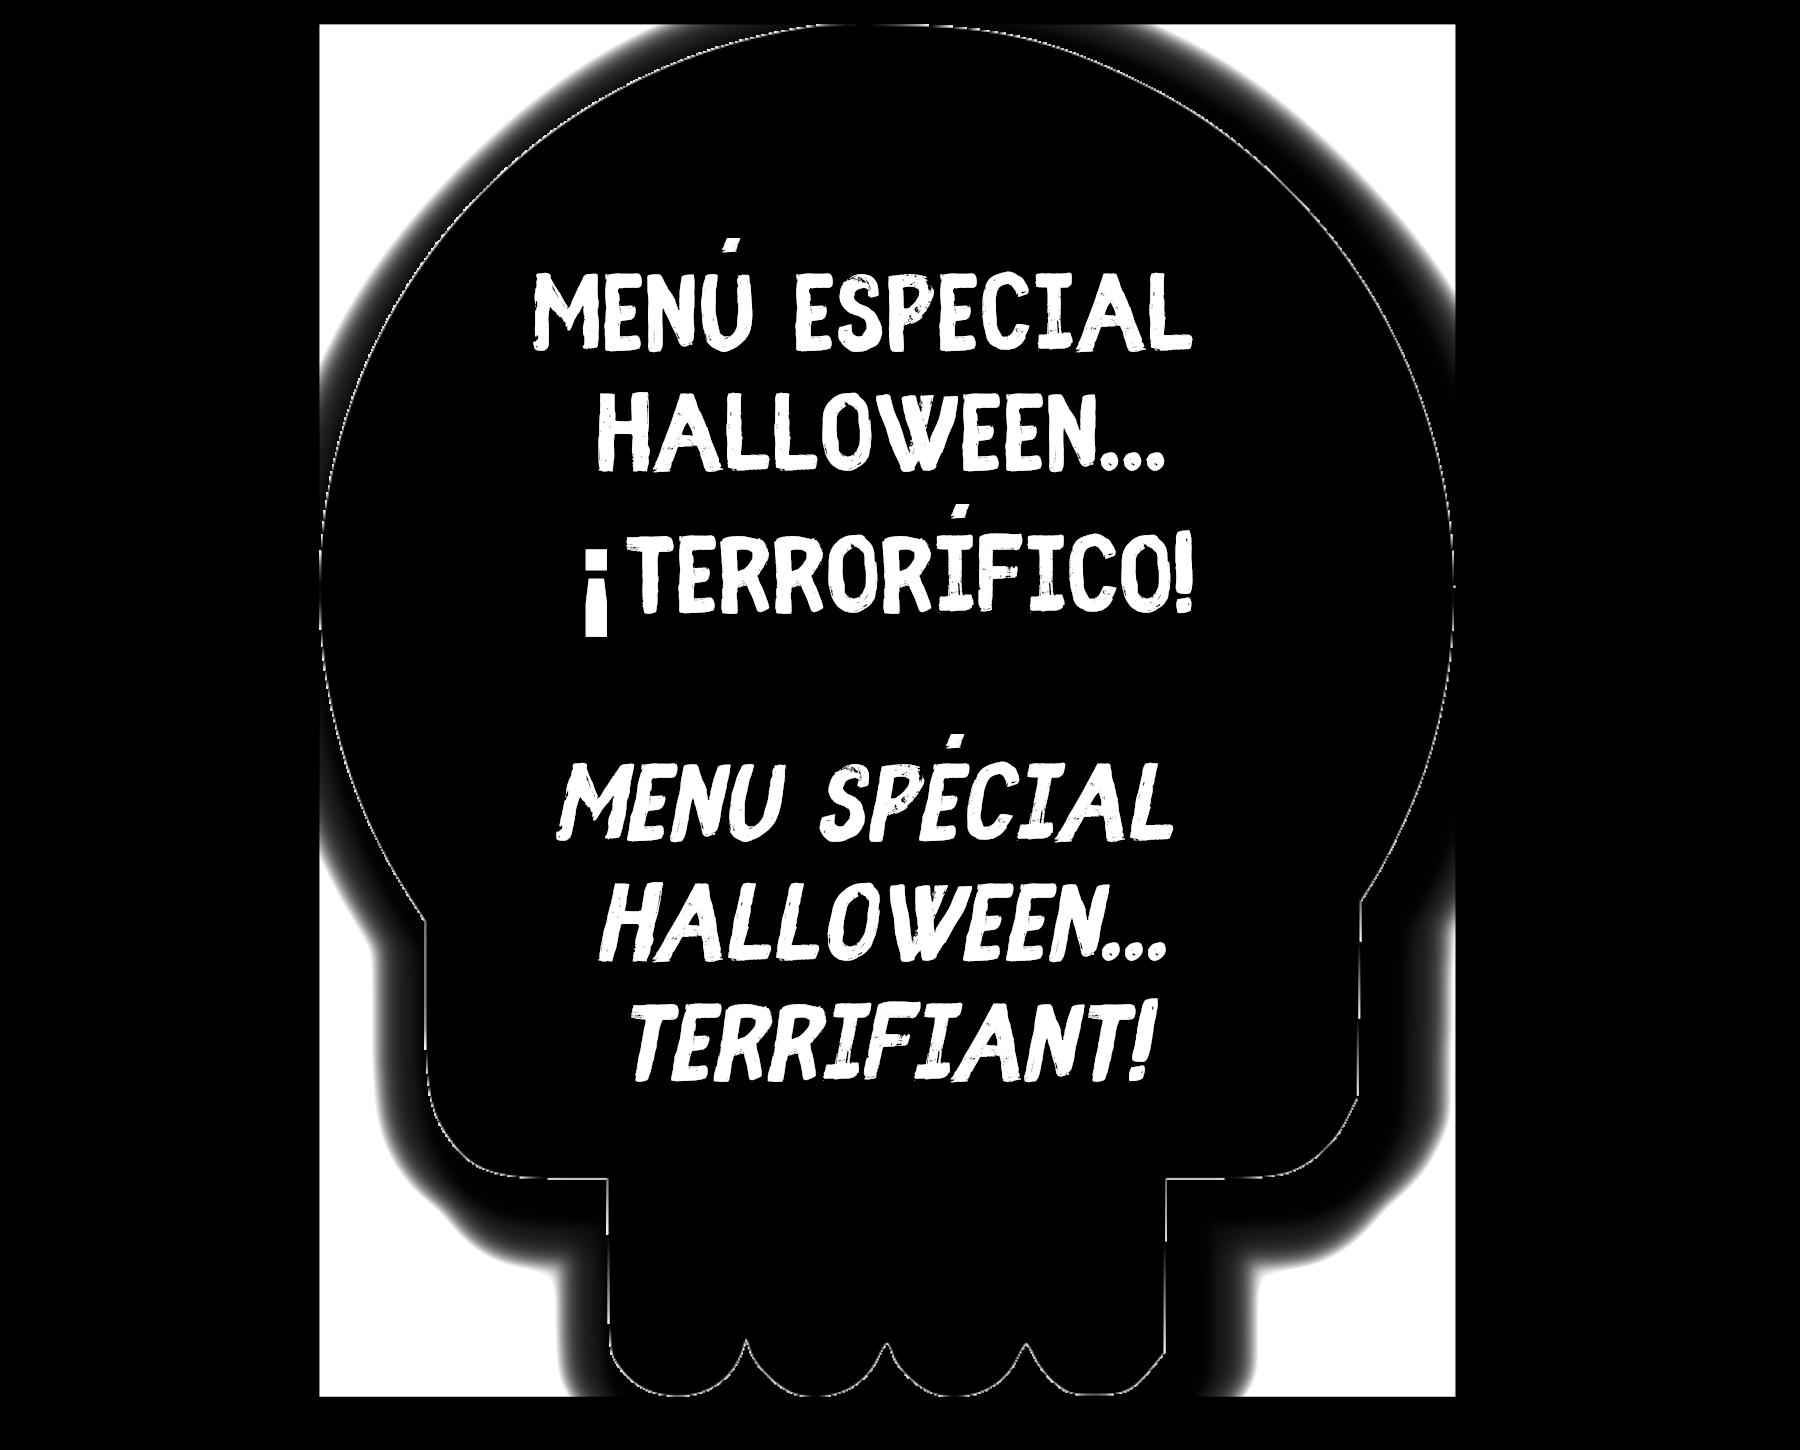 Menú especial Halloween